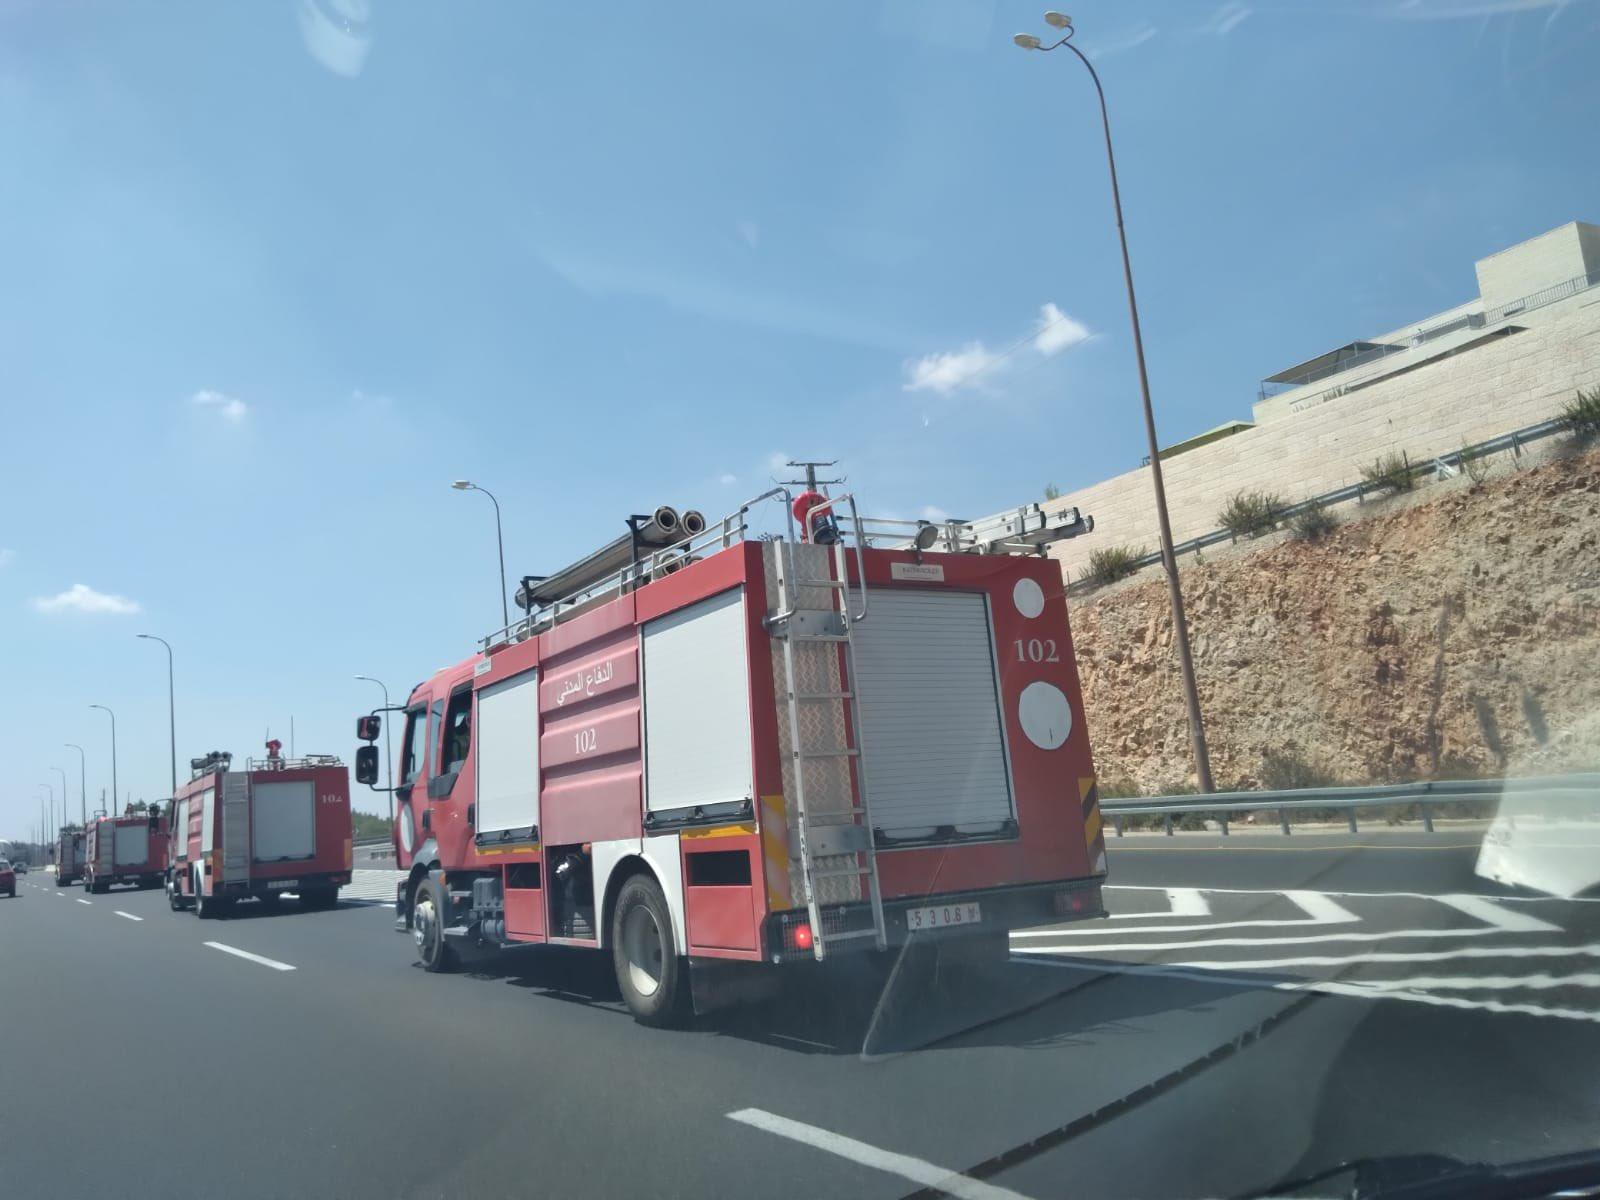 Palestinian Authority firefighters help to tackle Jerusalem blaze